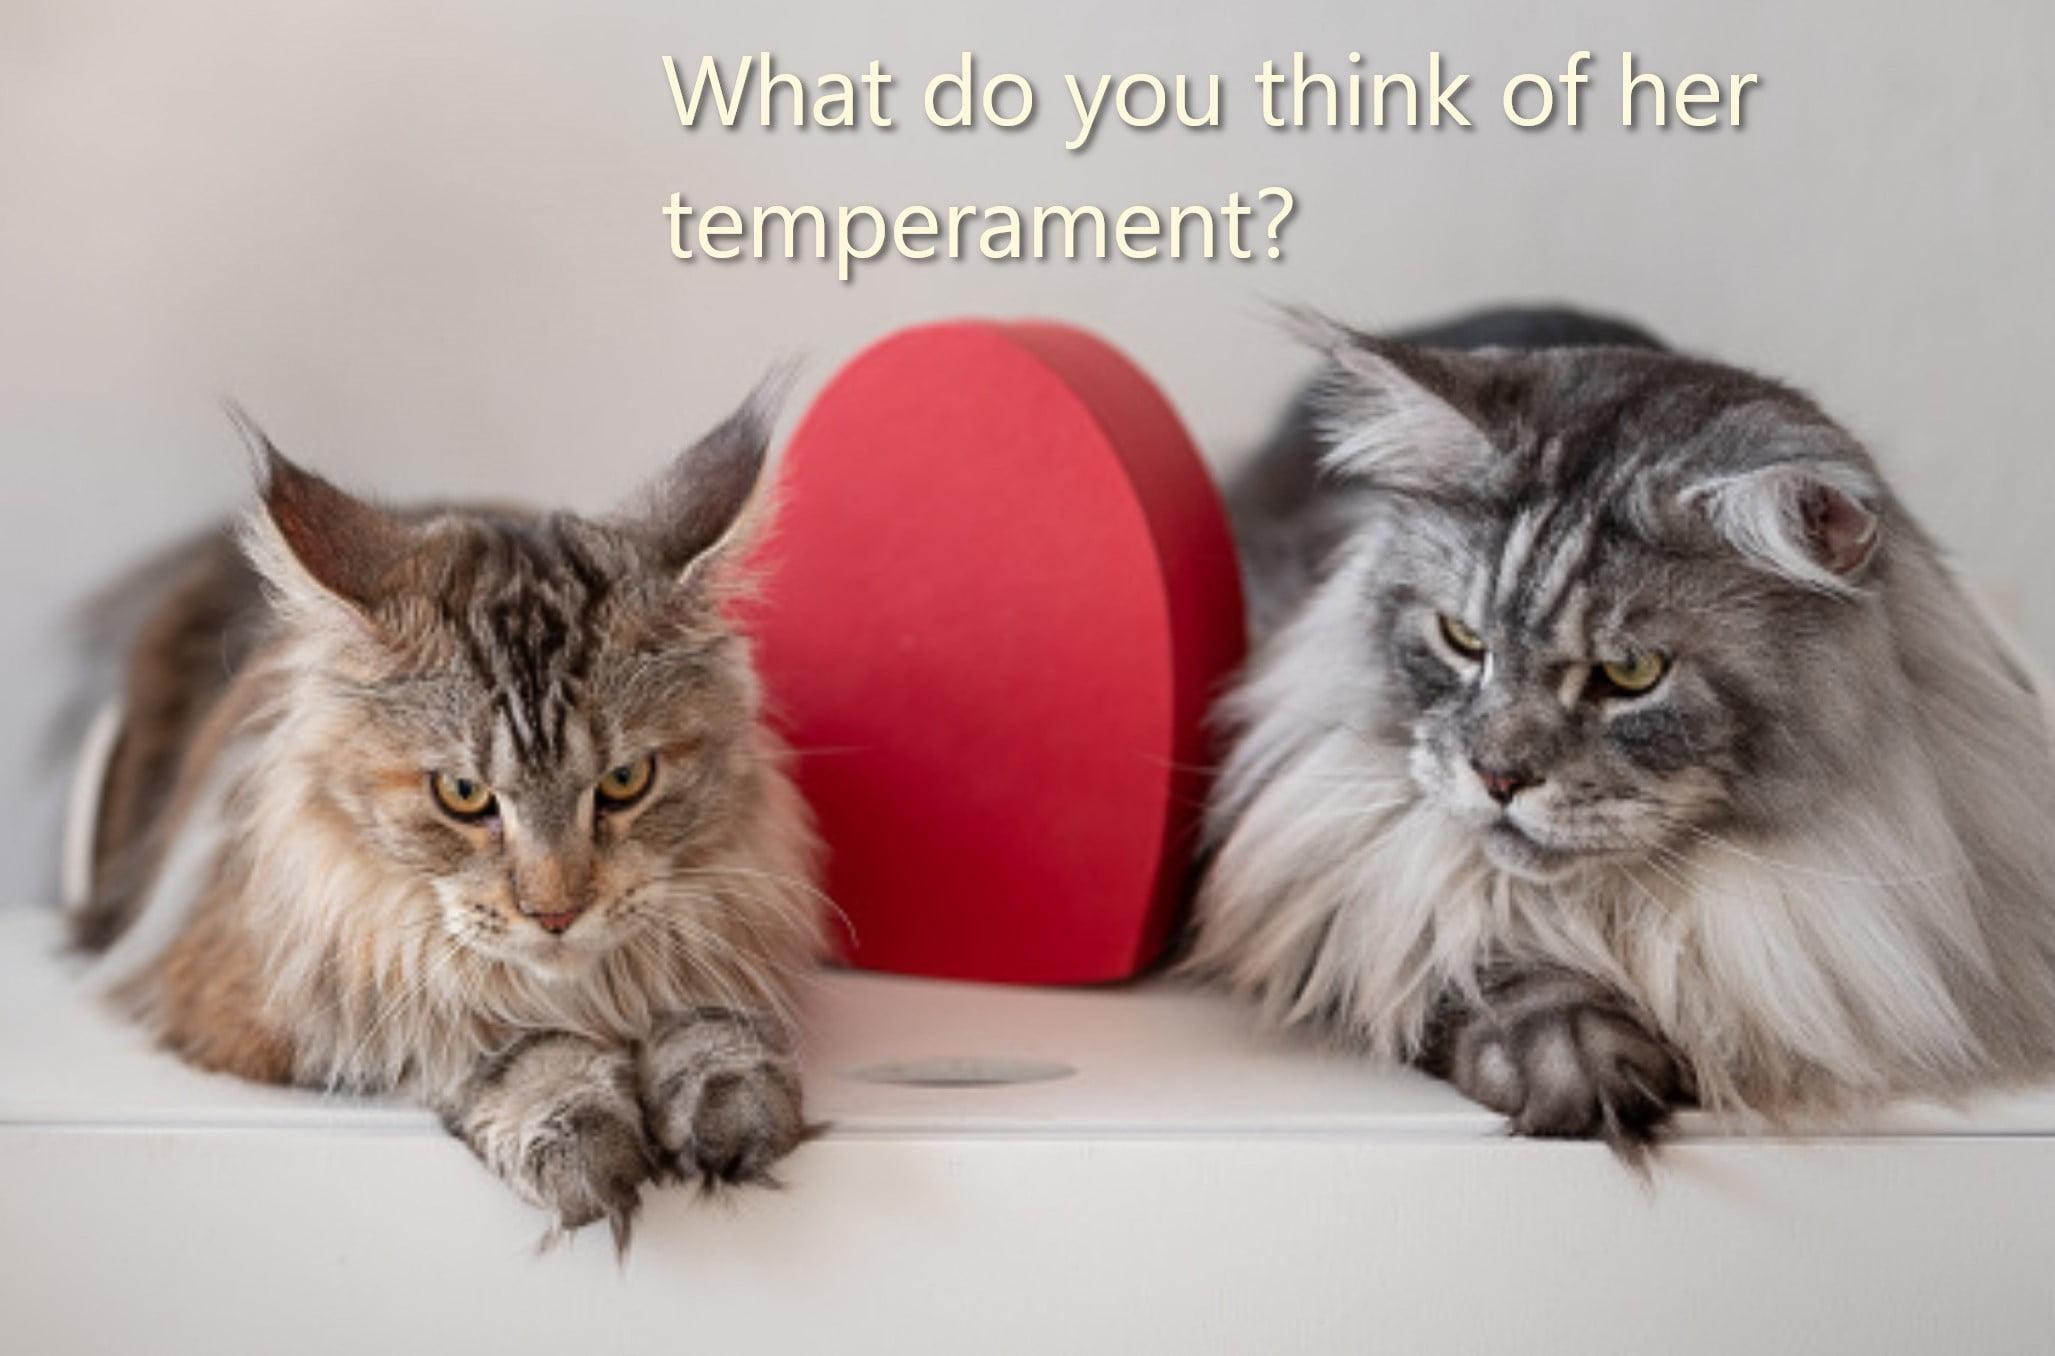 FTP test - cats discussing human temperament